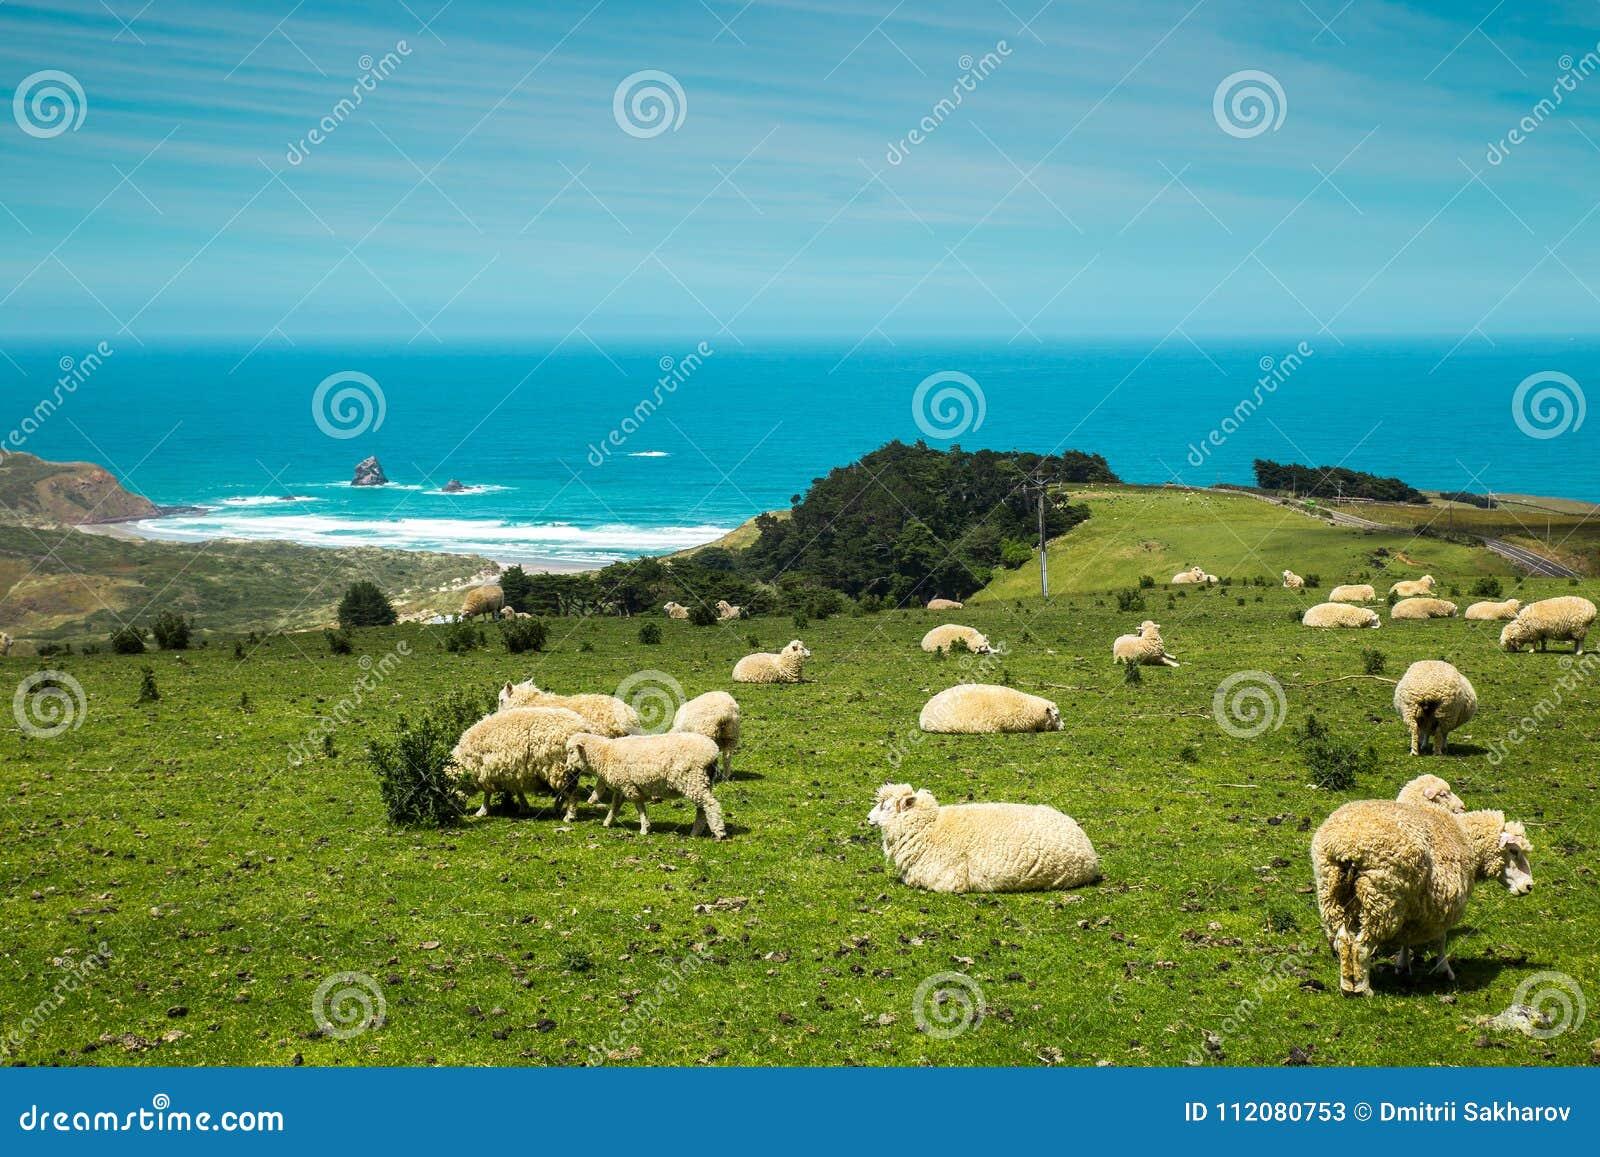 De schapen van Nieuw Zeeland op de heuvel dichtbij de oceaan